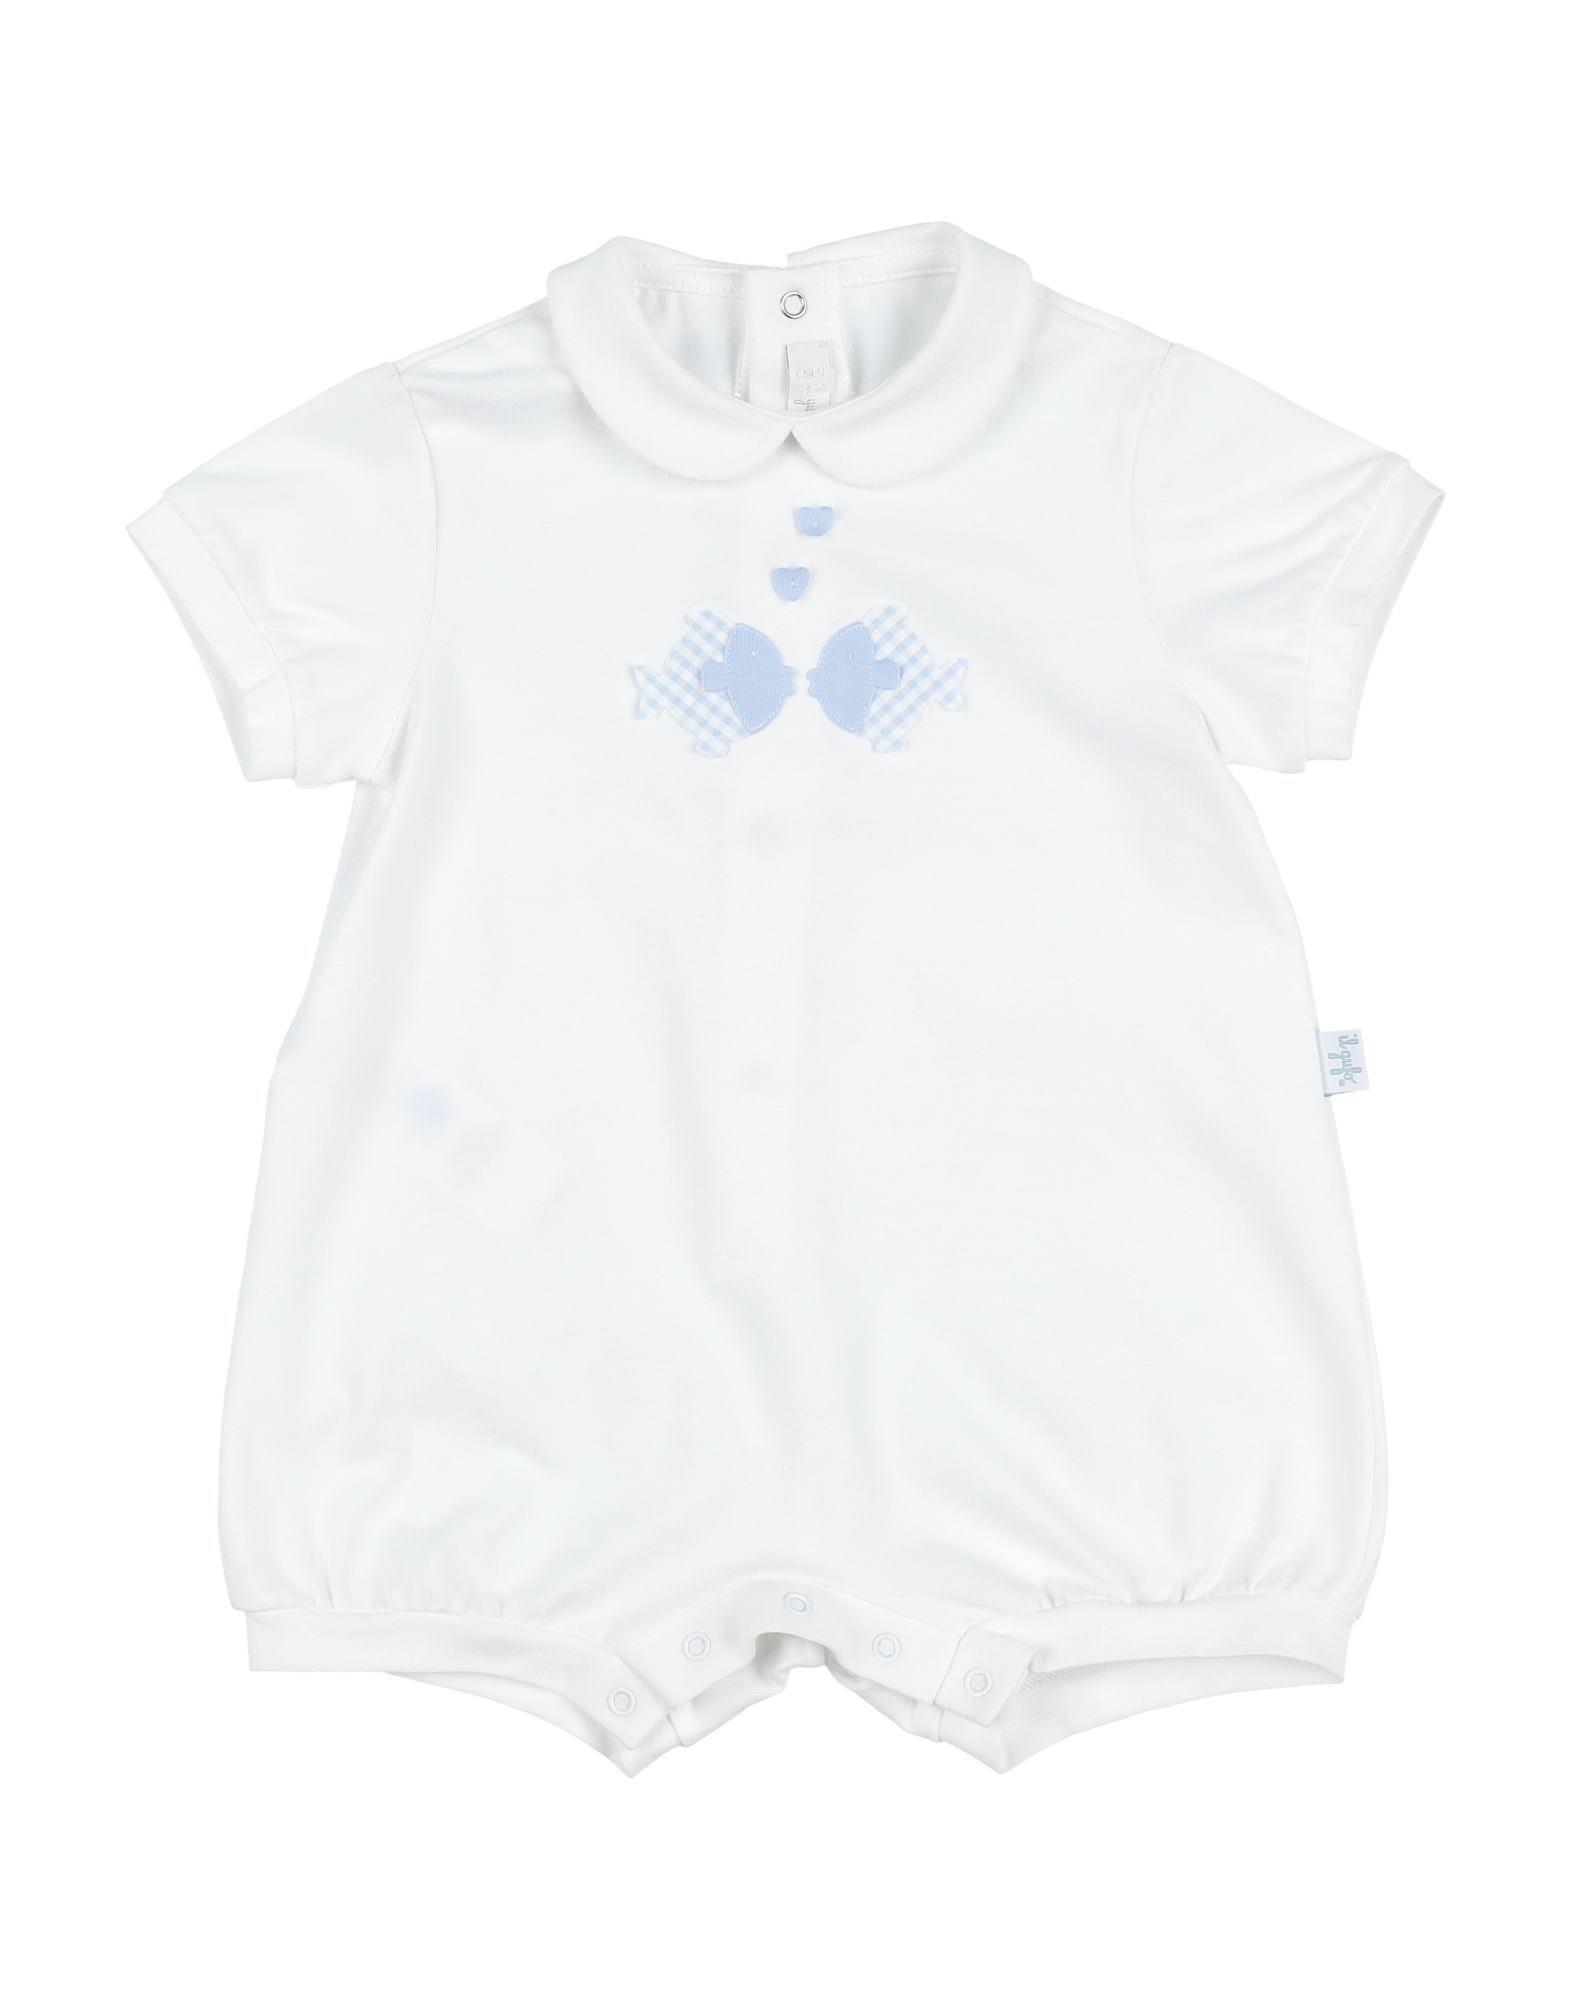 YOOX.COM(ユークス)《セール開催中》IL GUFO ボーイズ 0-24 ヶ月 乳幼児用ロンパース ホワイト 6 コットン 94% / ポリウレタン 6%